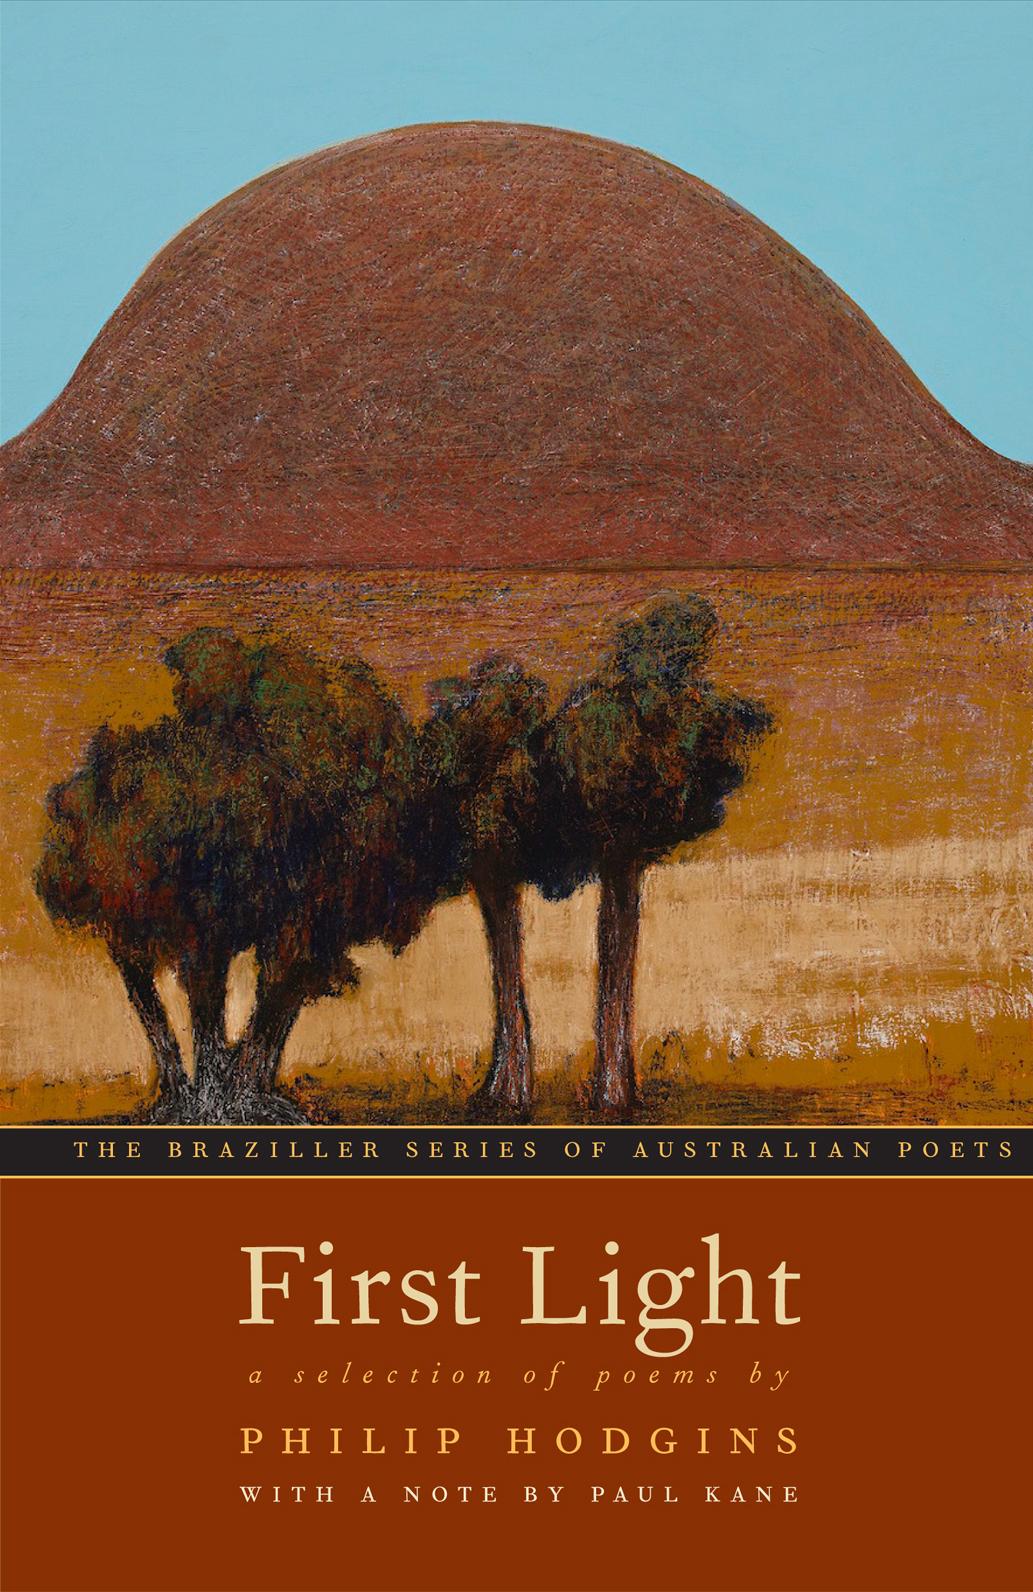 FIRSTLIGHT_Cover.jpg